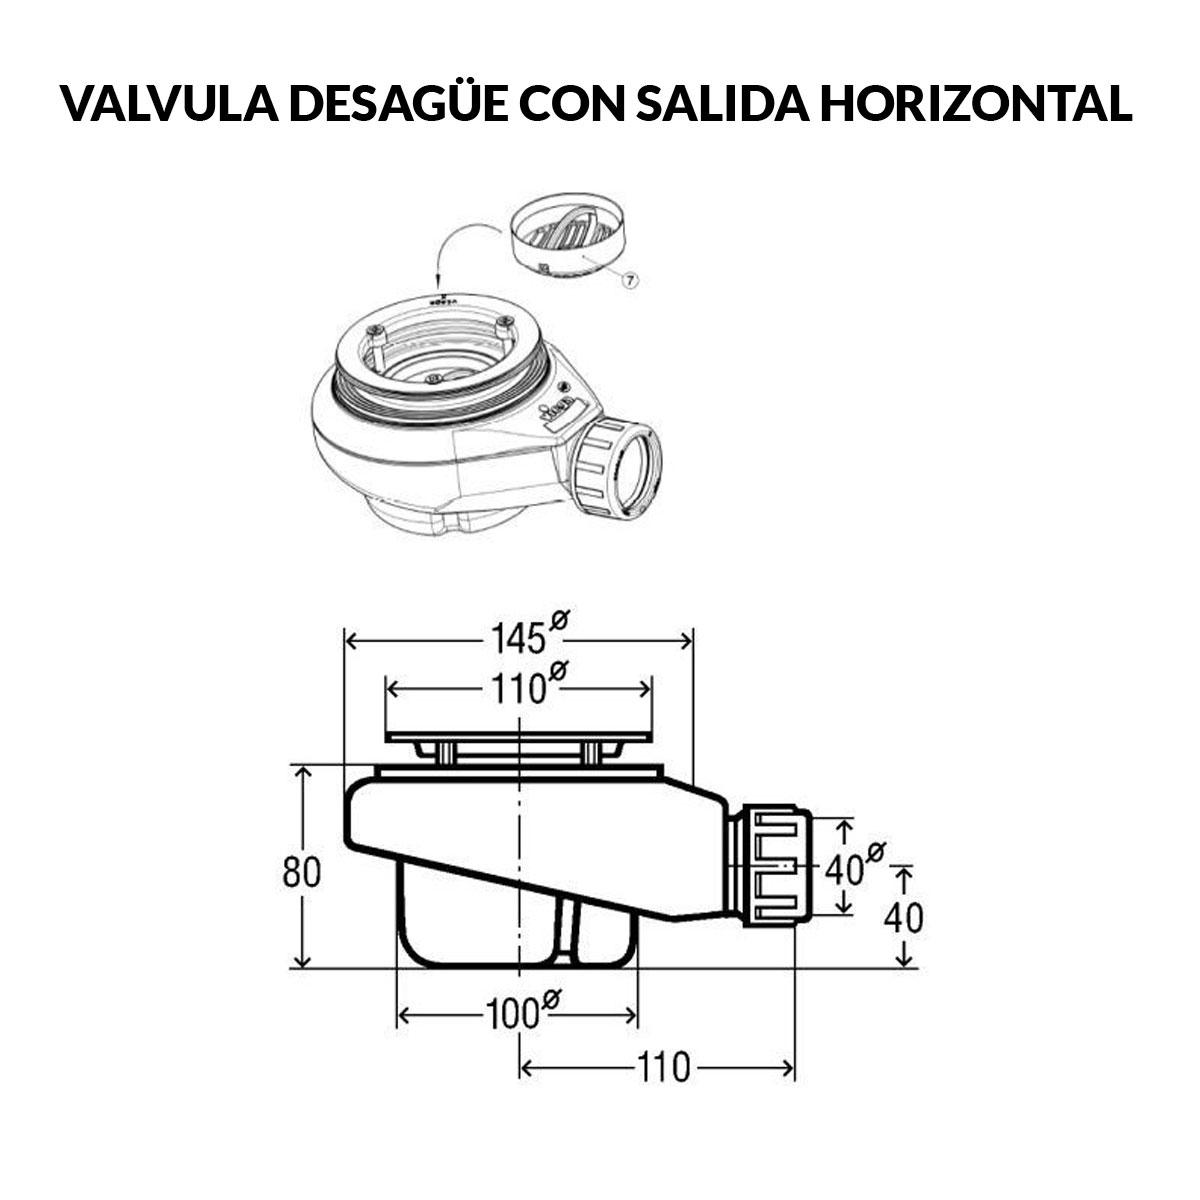 diseño válvula